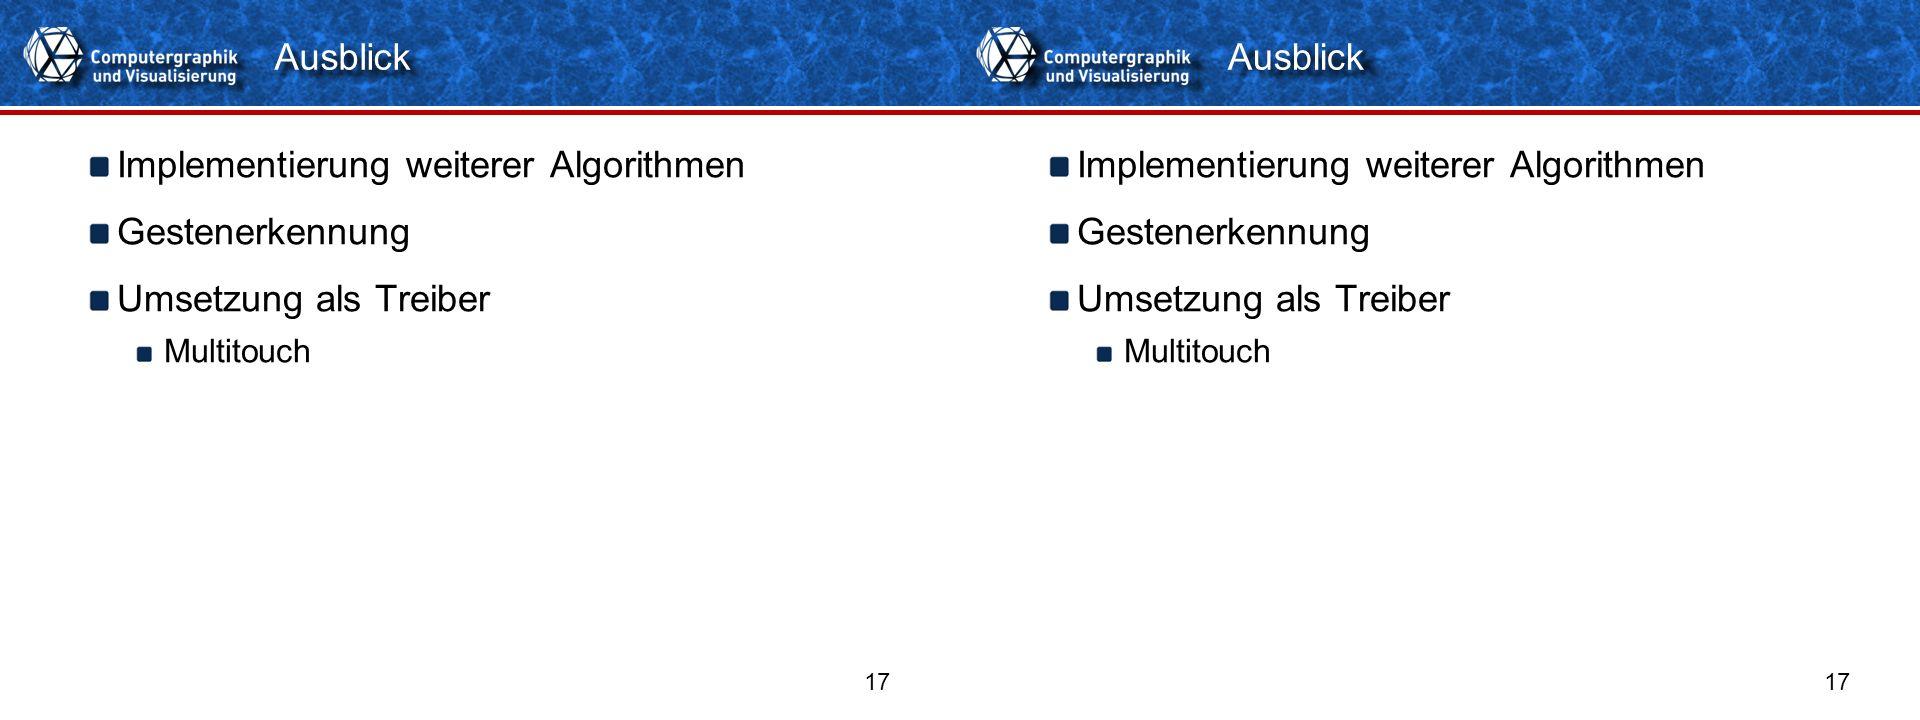 Titelformat Einzeiler 17 Implementierung weiterer Algorithmen Gestenerkennung Umsetzung als Treiber Multitouch Ausblick Implementierung weiterer Algor